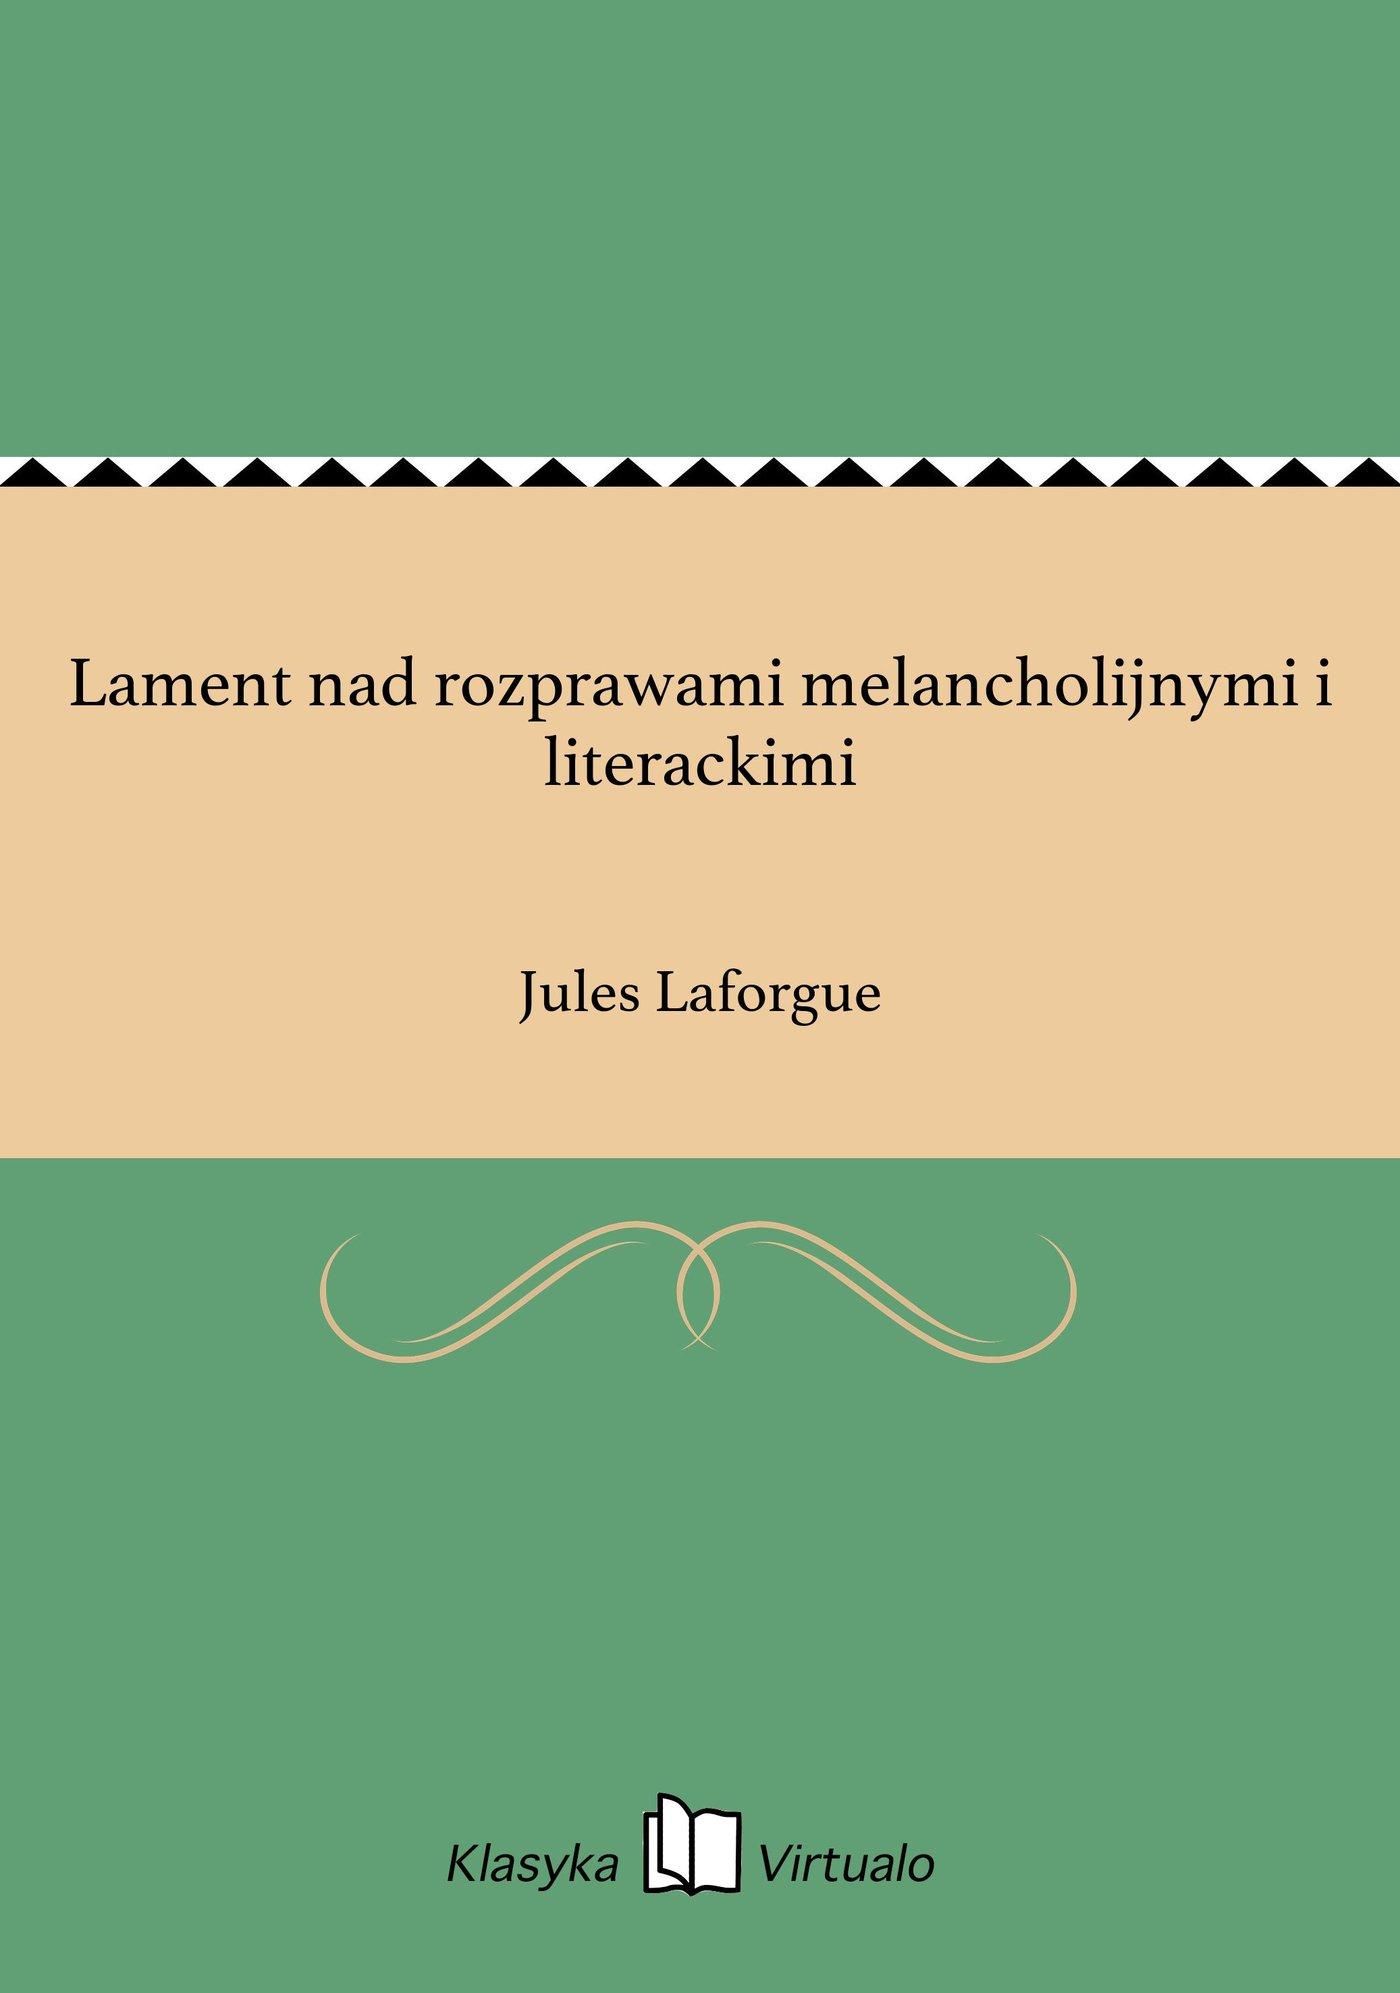 Lament nad rozprawami melancholijnymi i literackimi - Ebook (Książka na Kindle) do pobrania w formacie MOBI